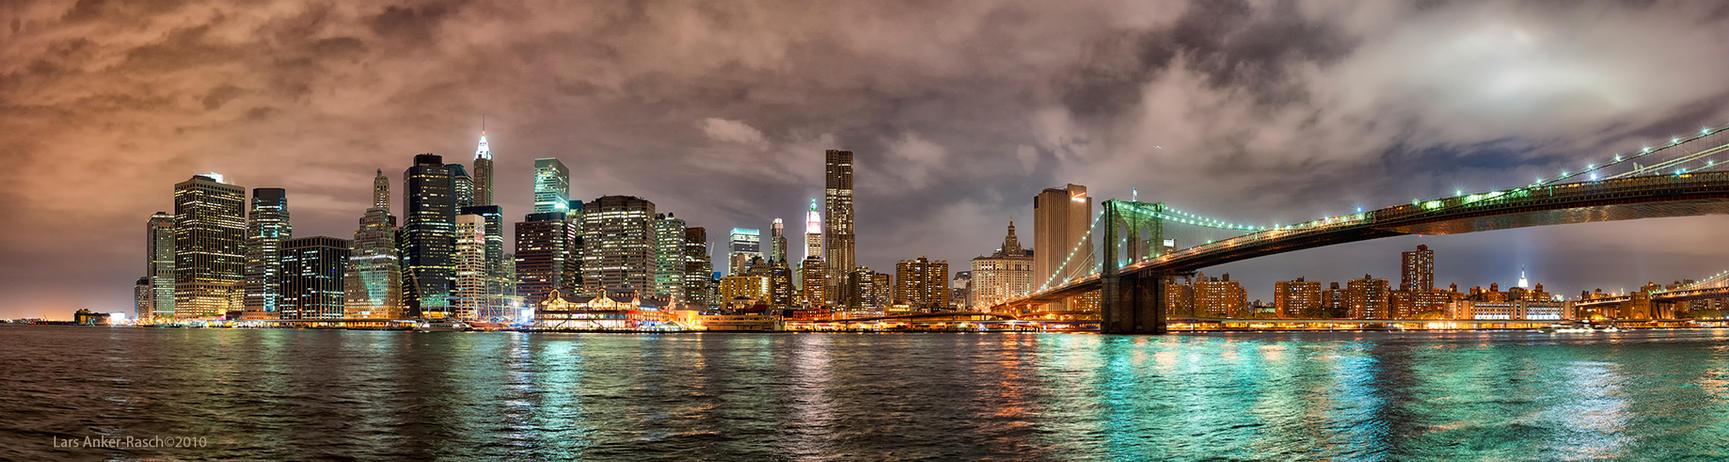 Manhattan skyline by lashrasch